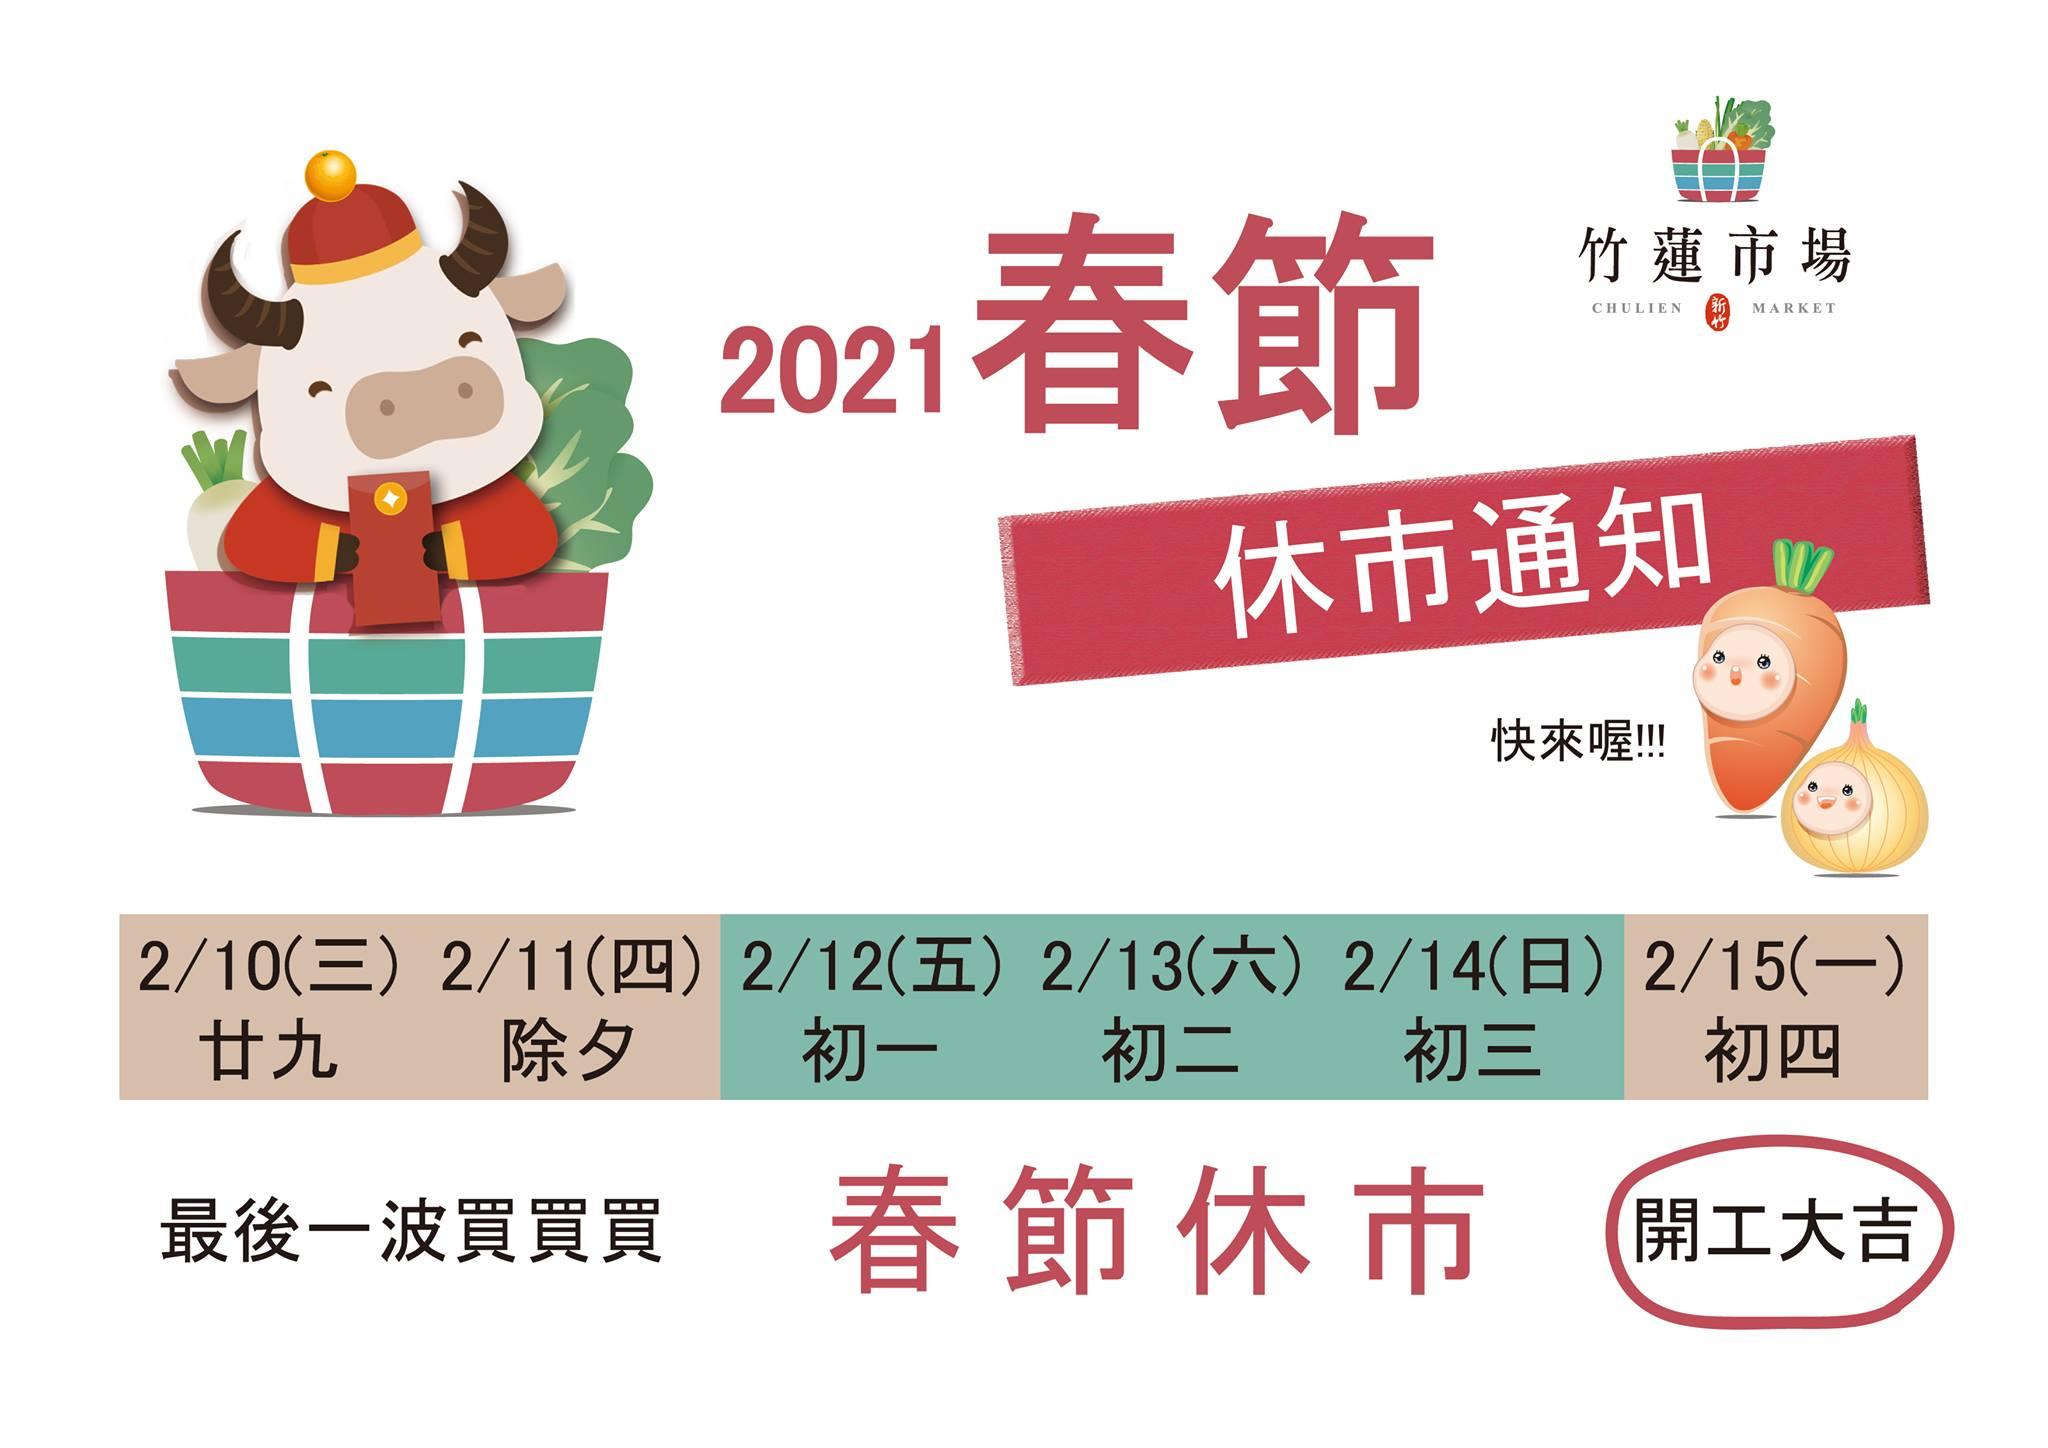 2021年新竹春節資訊懶人包一次告訴你!年貨大街、過年路邊停車收費、垃圾清潔收運、醫院門診時間